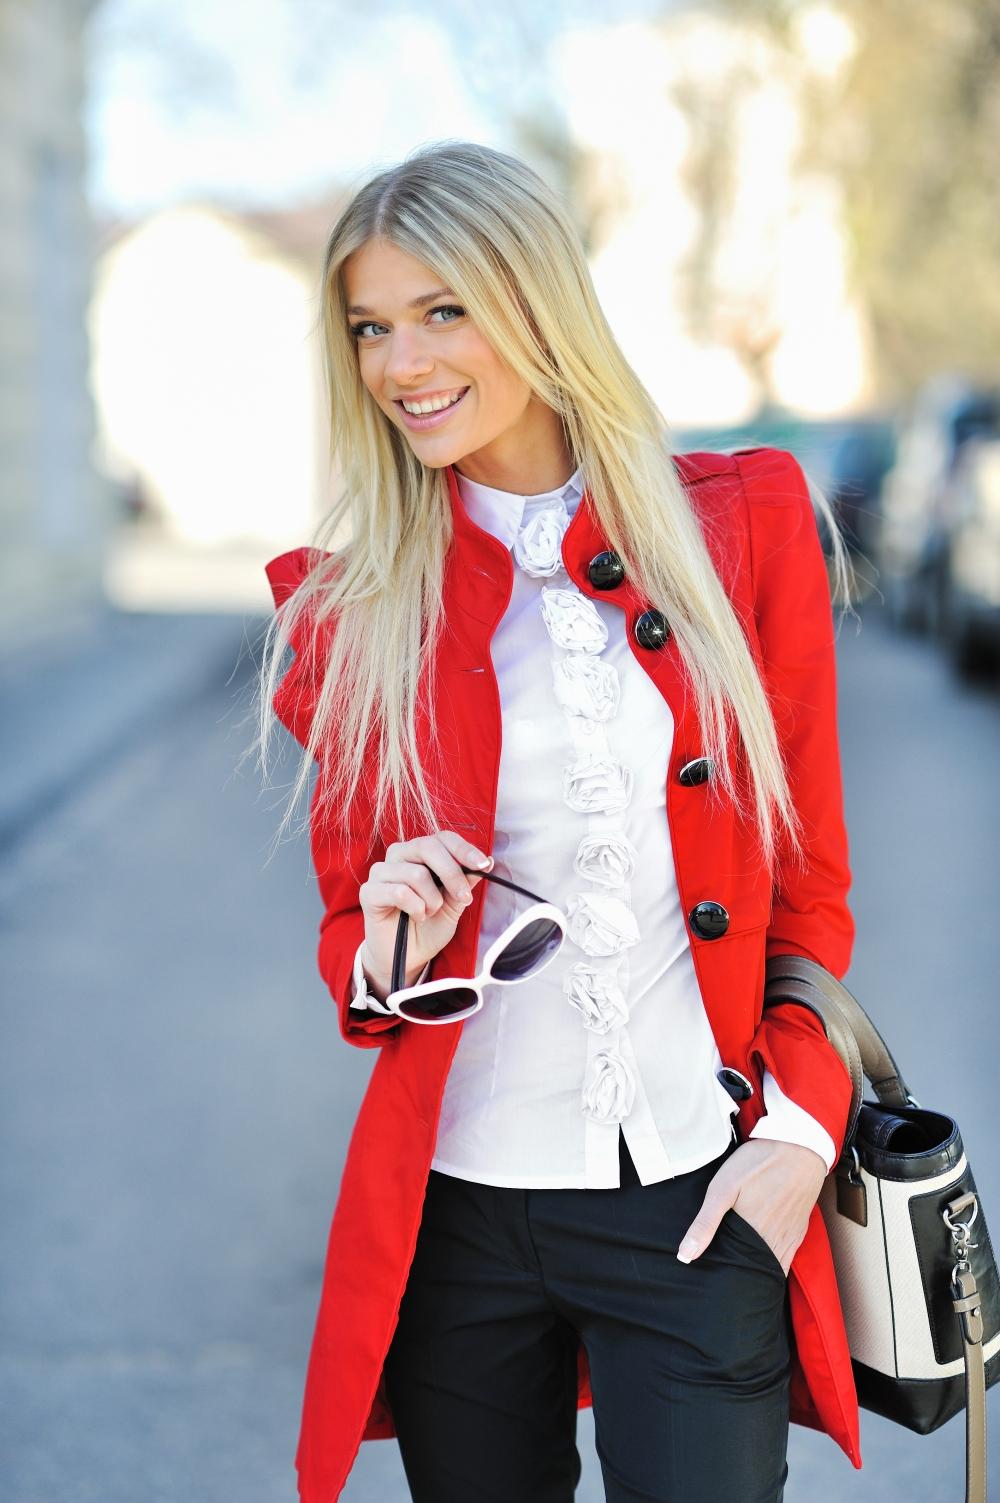 winter coat in trendy red